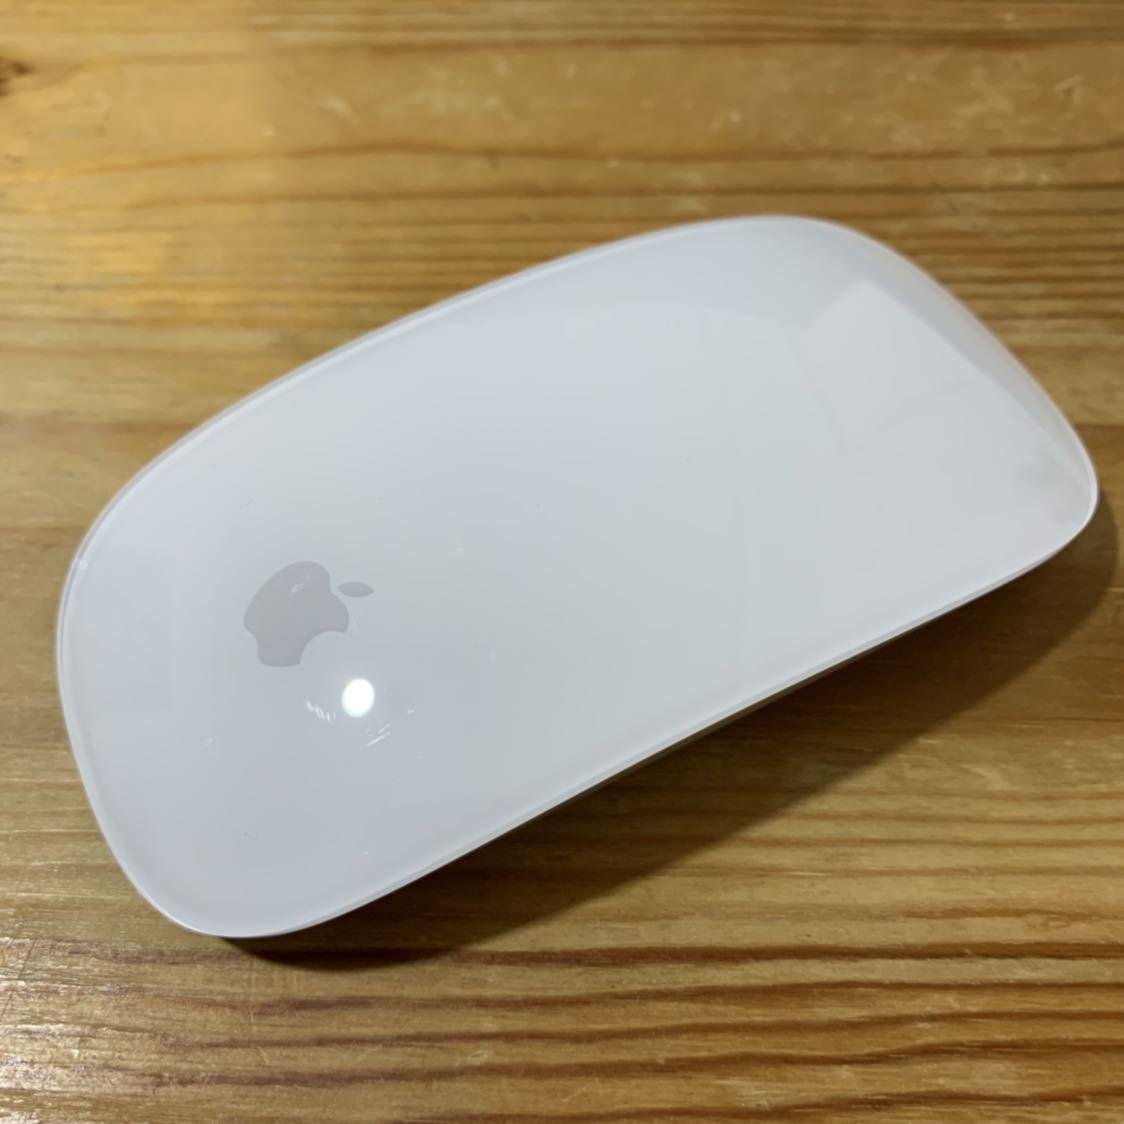 極美品 Apple magic mouse2 A1657 送料無料 マウス